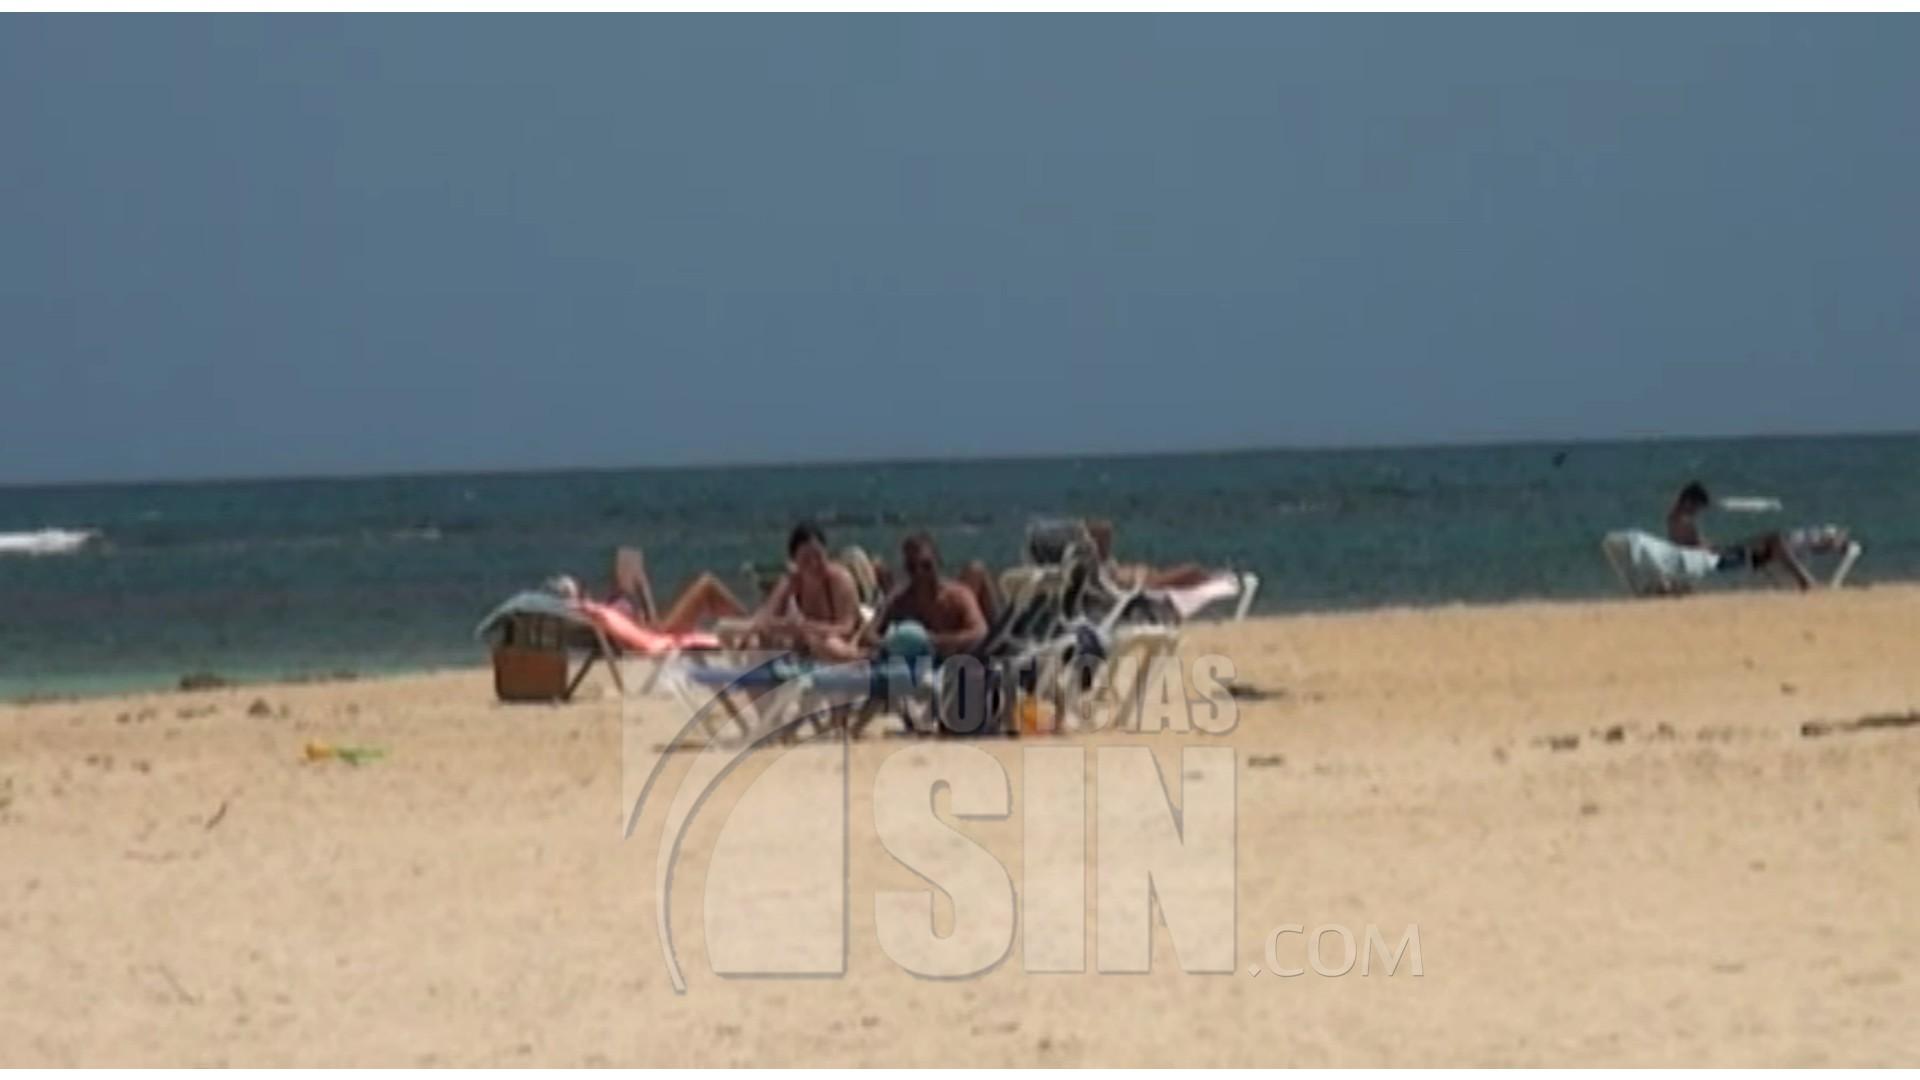 Regidores revisan terrenos playa Punta Poppy en Las Terrenas